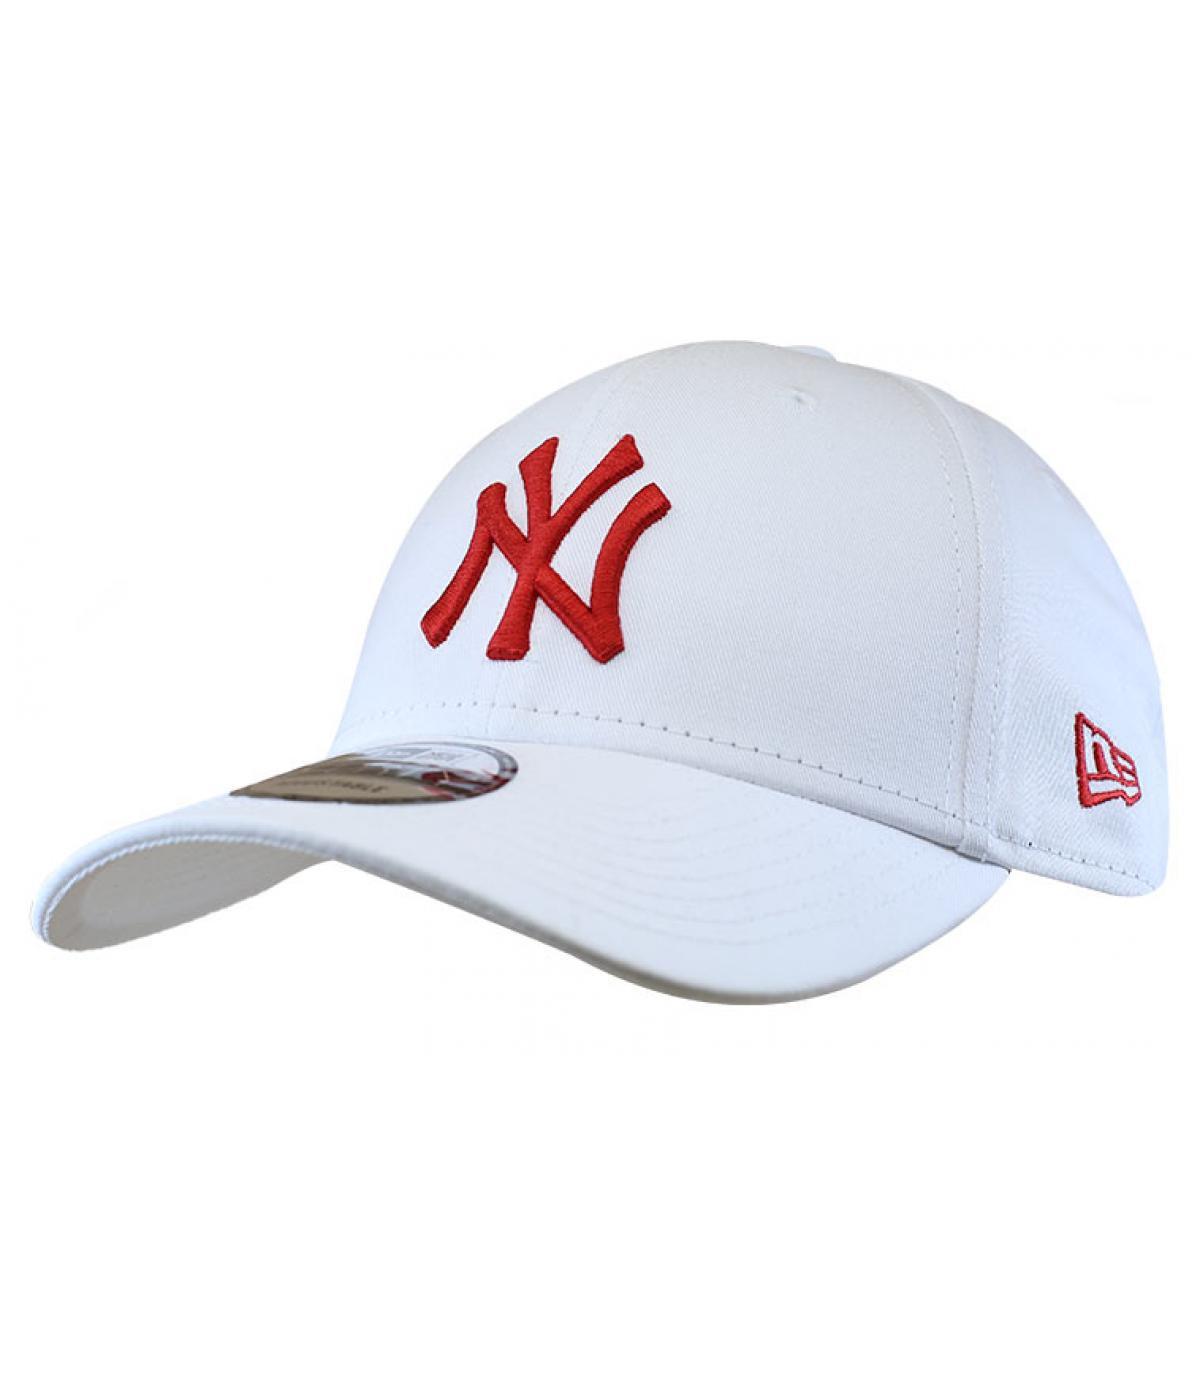 Détails Casquette League Ess 940 NY white red - image 2